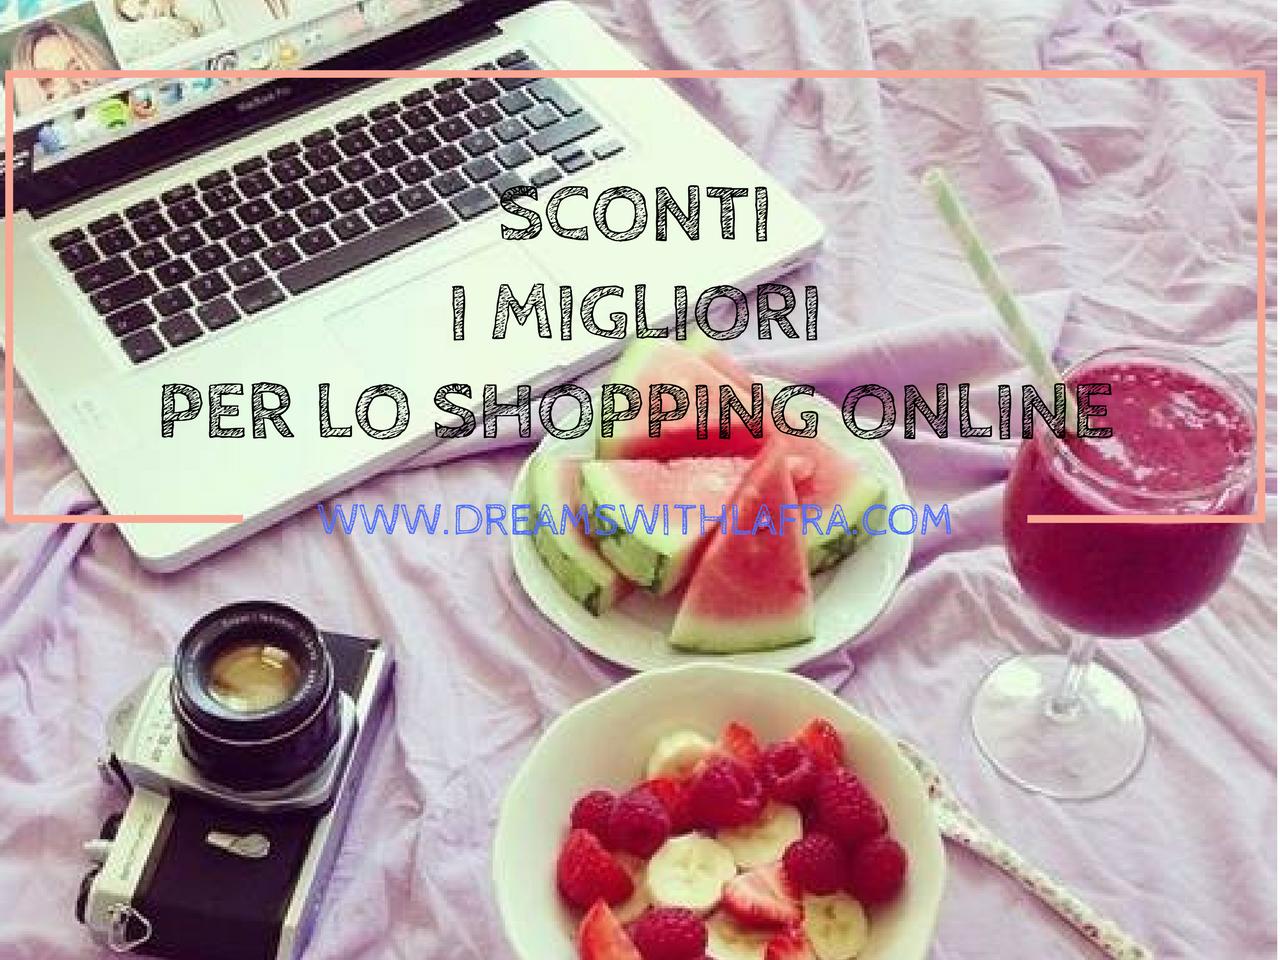 Sconti, dove trovare i migliori per il proprio shopping online